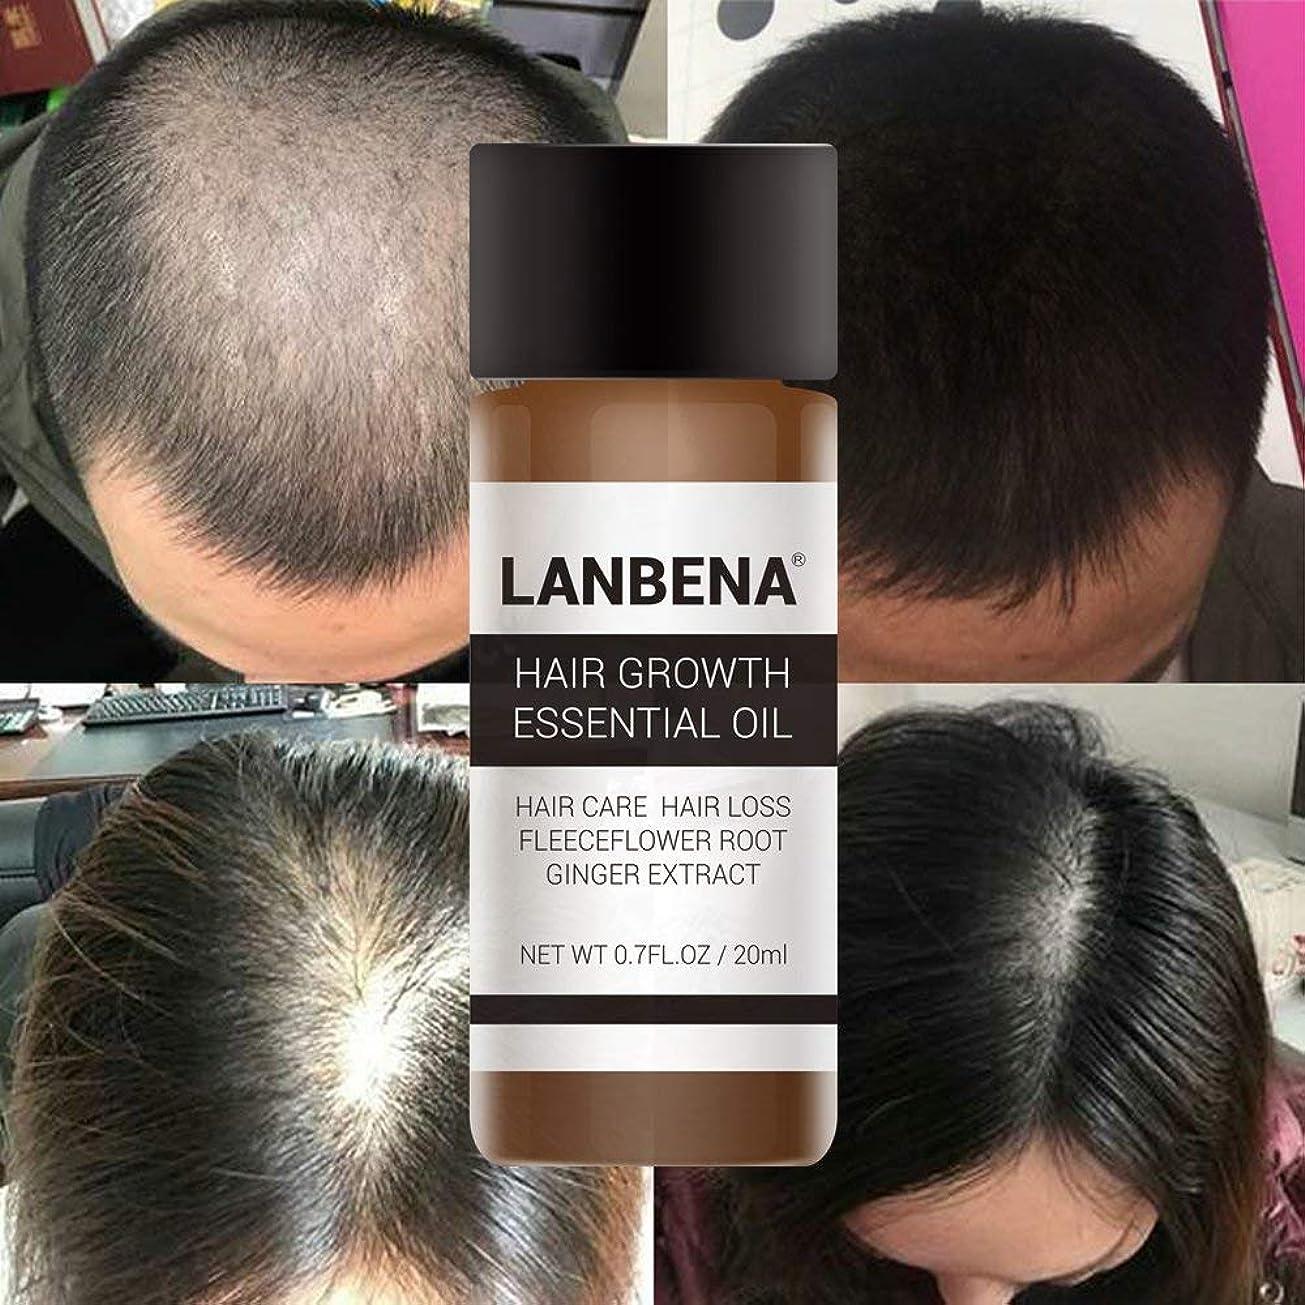 乗り出す切手霊(最高の品質と価格)3×20ミリリットル高速強力な髪の成長エッセンス製品エッセンシャルオイル液体トリートメント防止脱毛ヘアケア20ミリリットル×3ピース (Best Quality & Price) 3X 20ml Fast Powerful Hair Growth Essence Products Essential Oil Liquid Treatment Preventing Hair Loss Hair Care 20mlx3 Piece